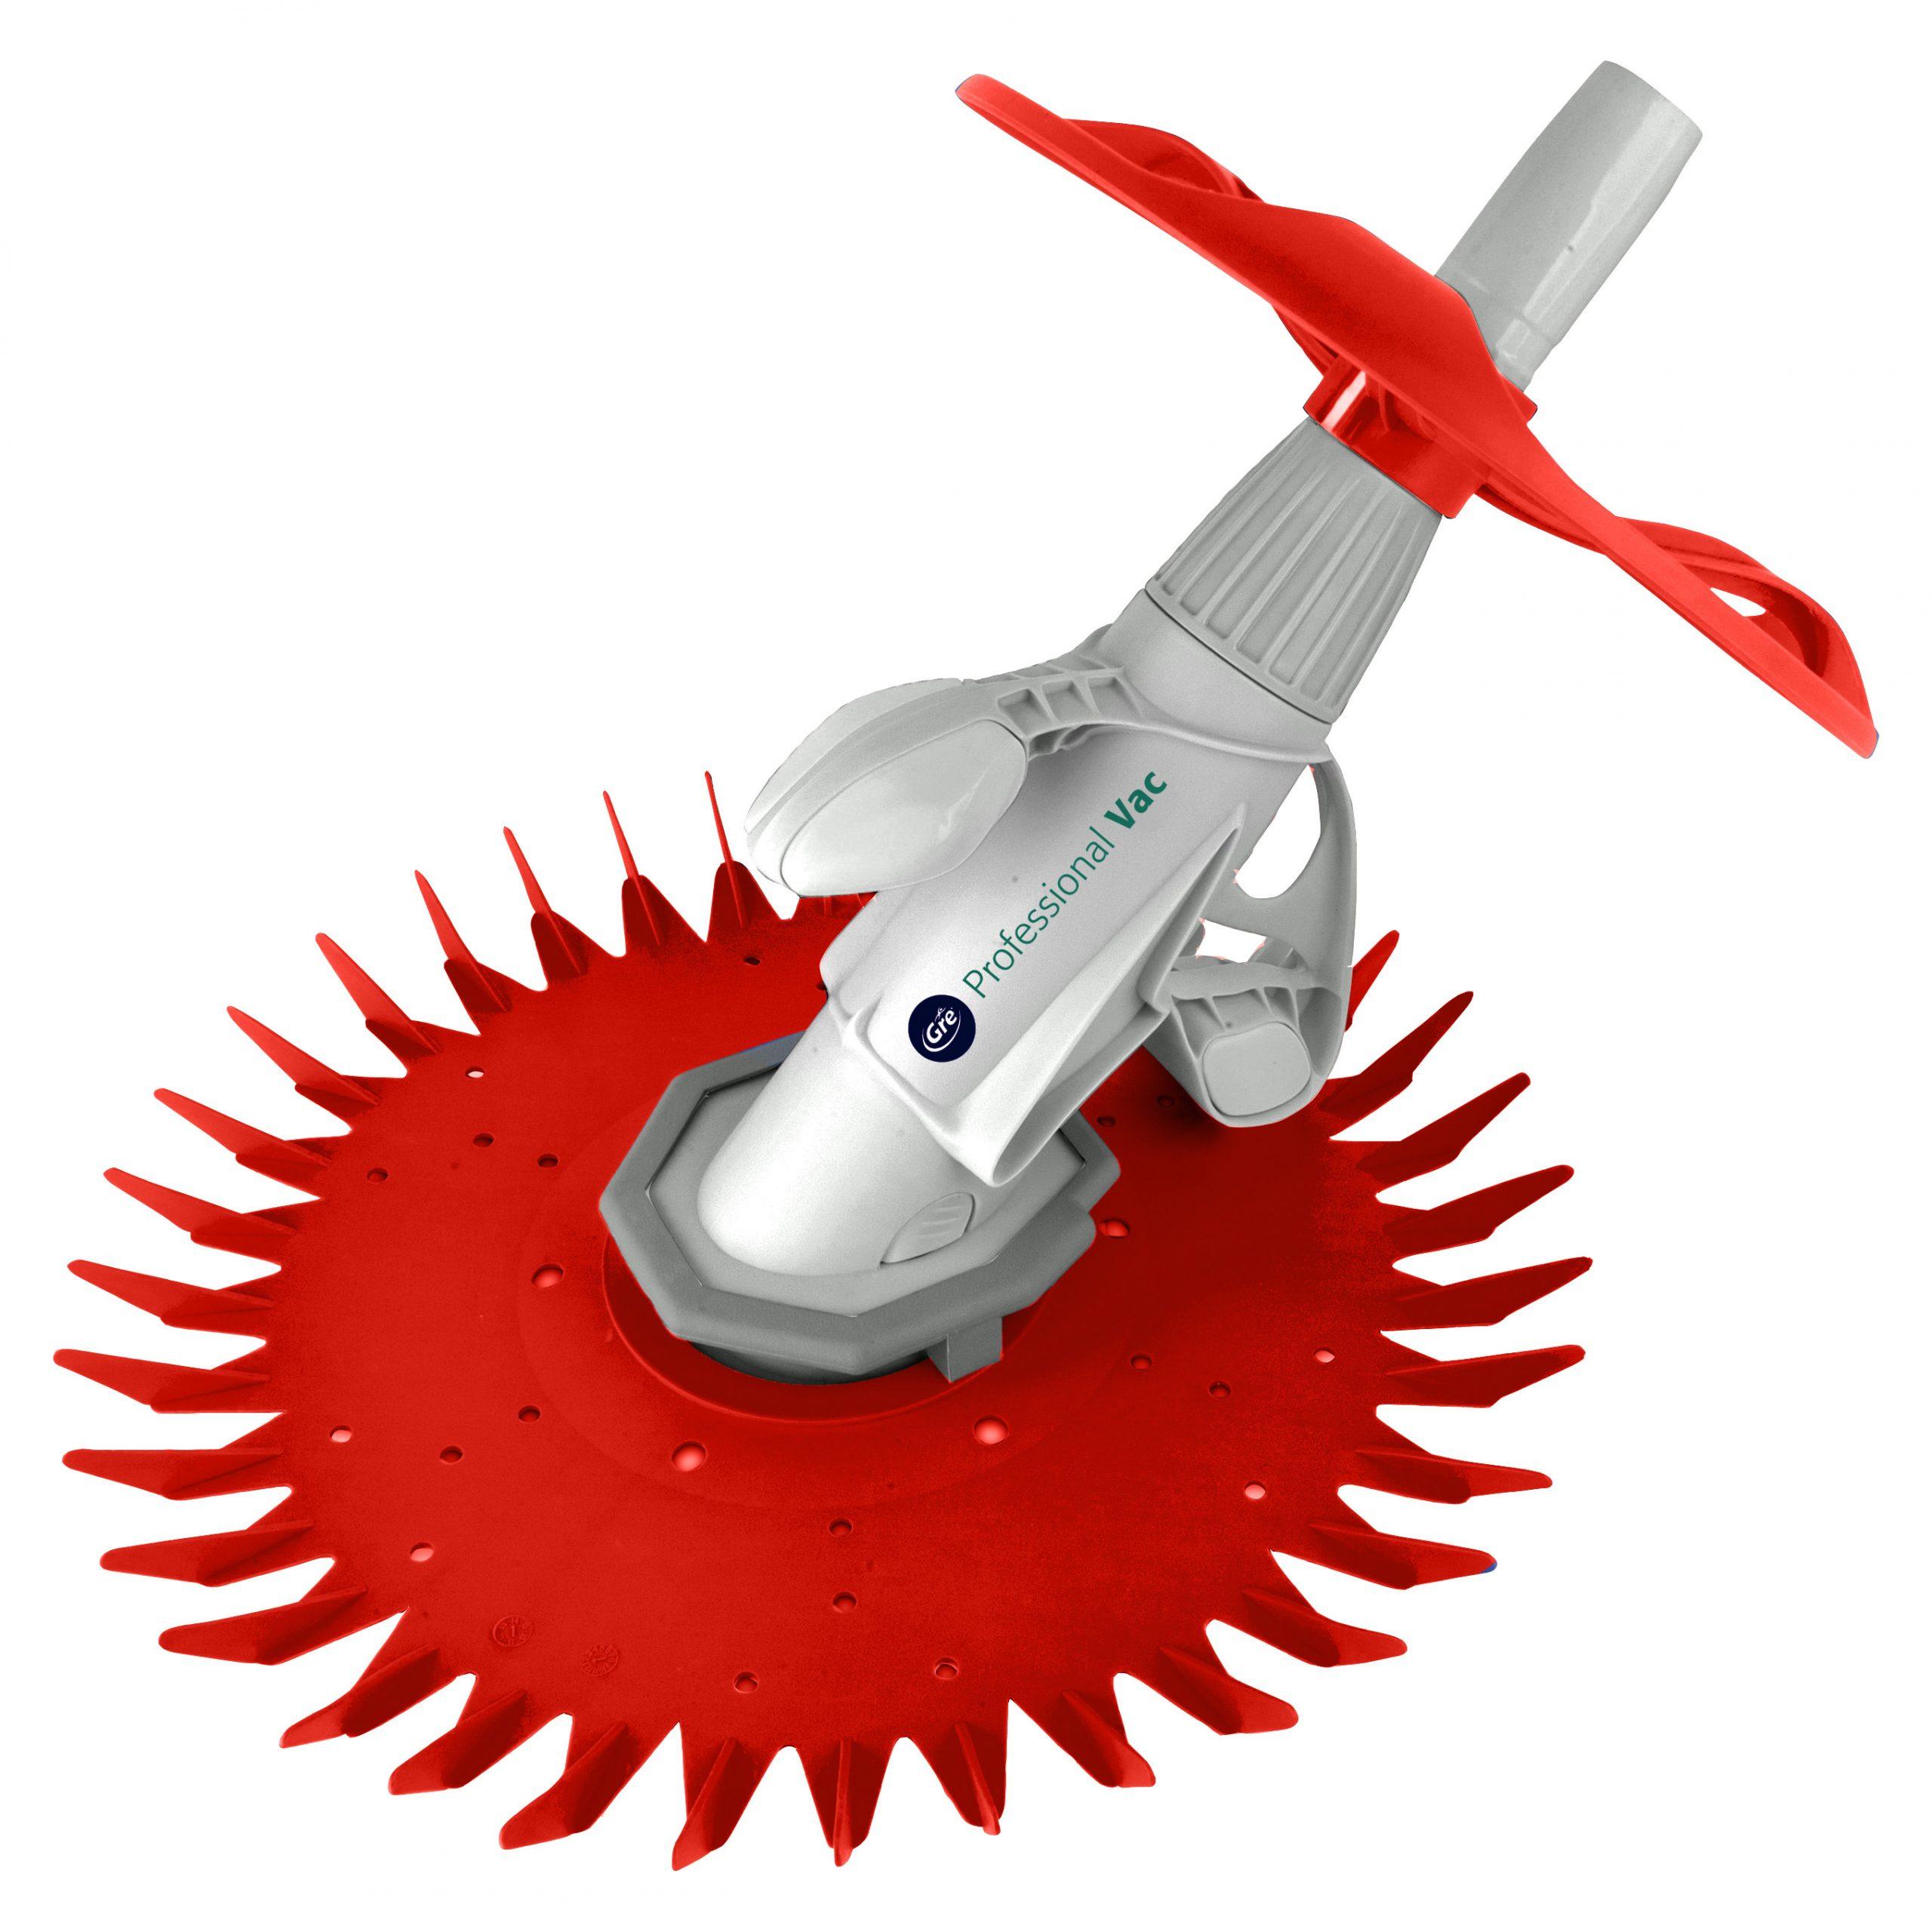 Robot De Piscine Hydraulique Sterwins Hswc1 encequiconcerne Robot Piscine Pas Cher Leroy Merlin